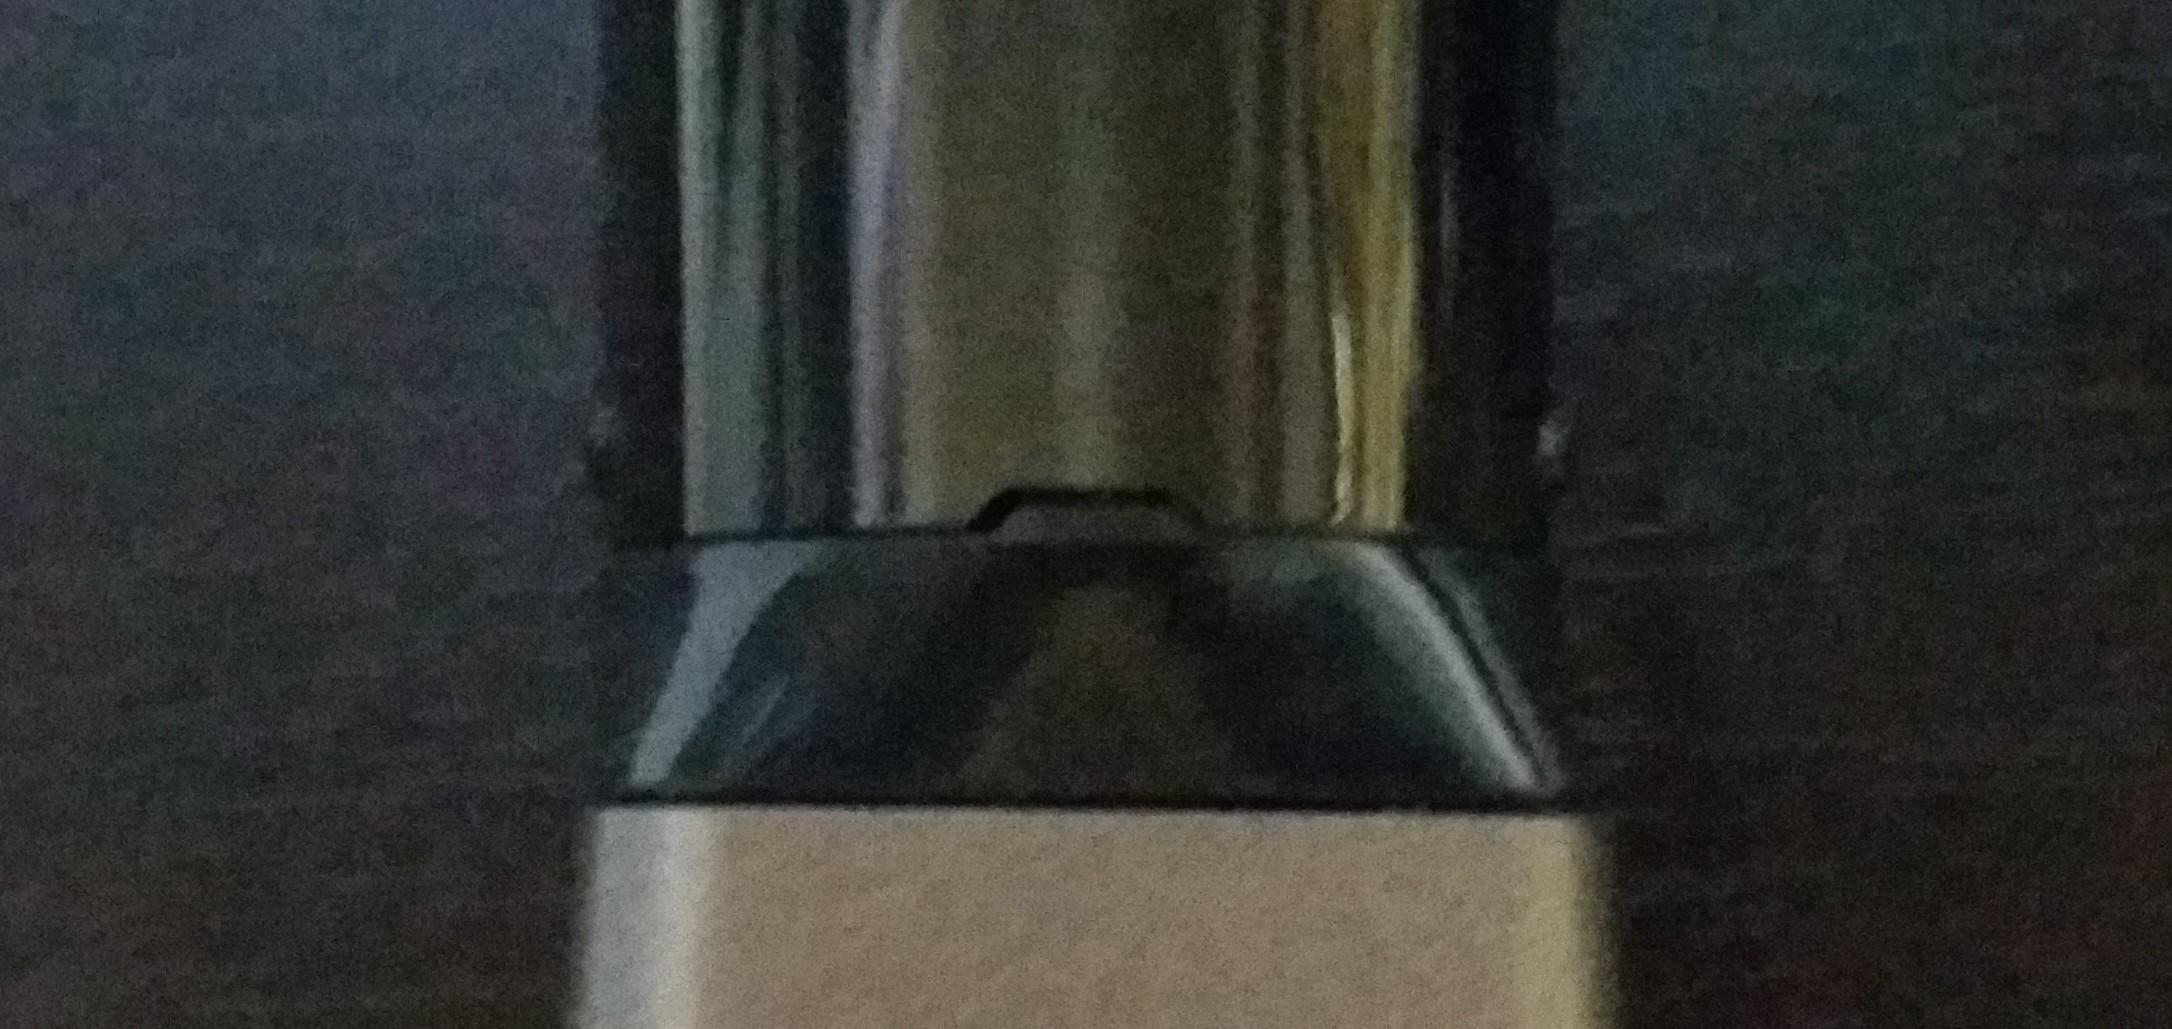 Roland ローランド Aerophone エアロフォン お手入れ メンテナンス マウスピース 交換 洗浄